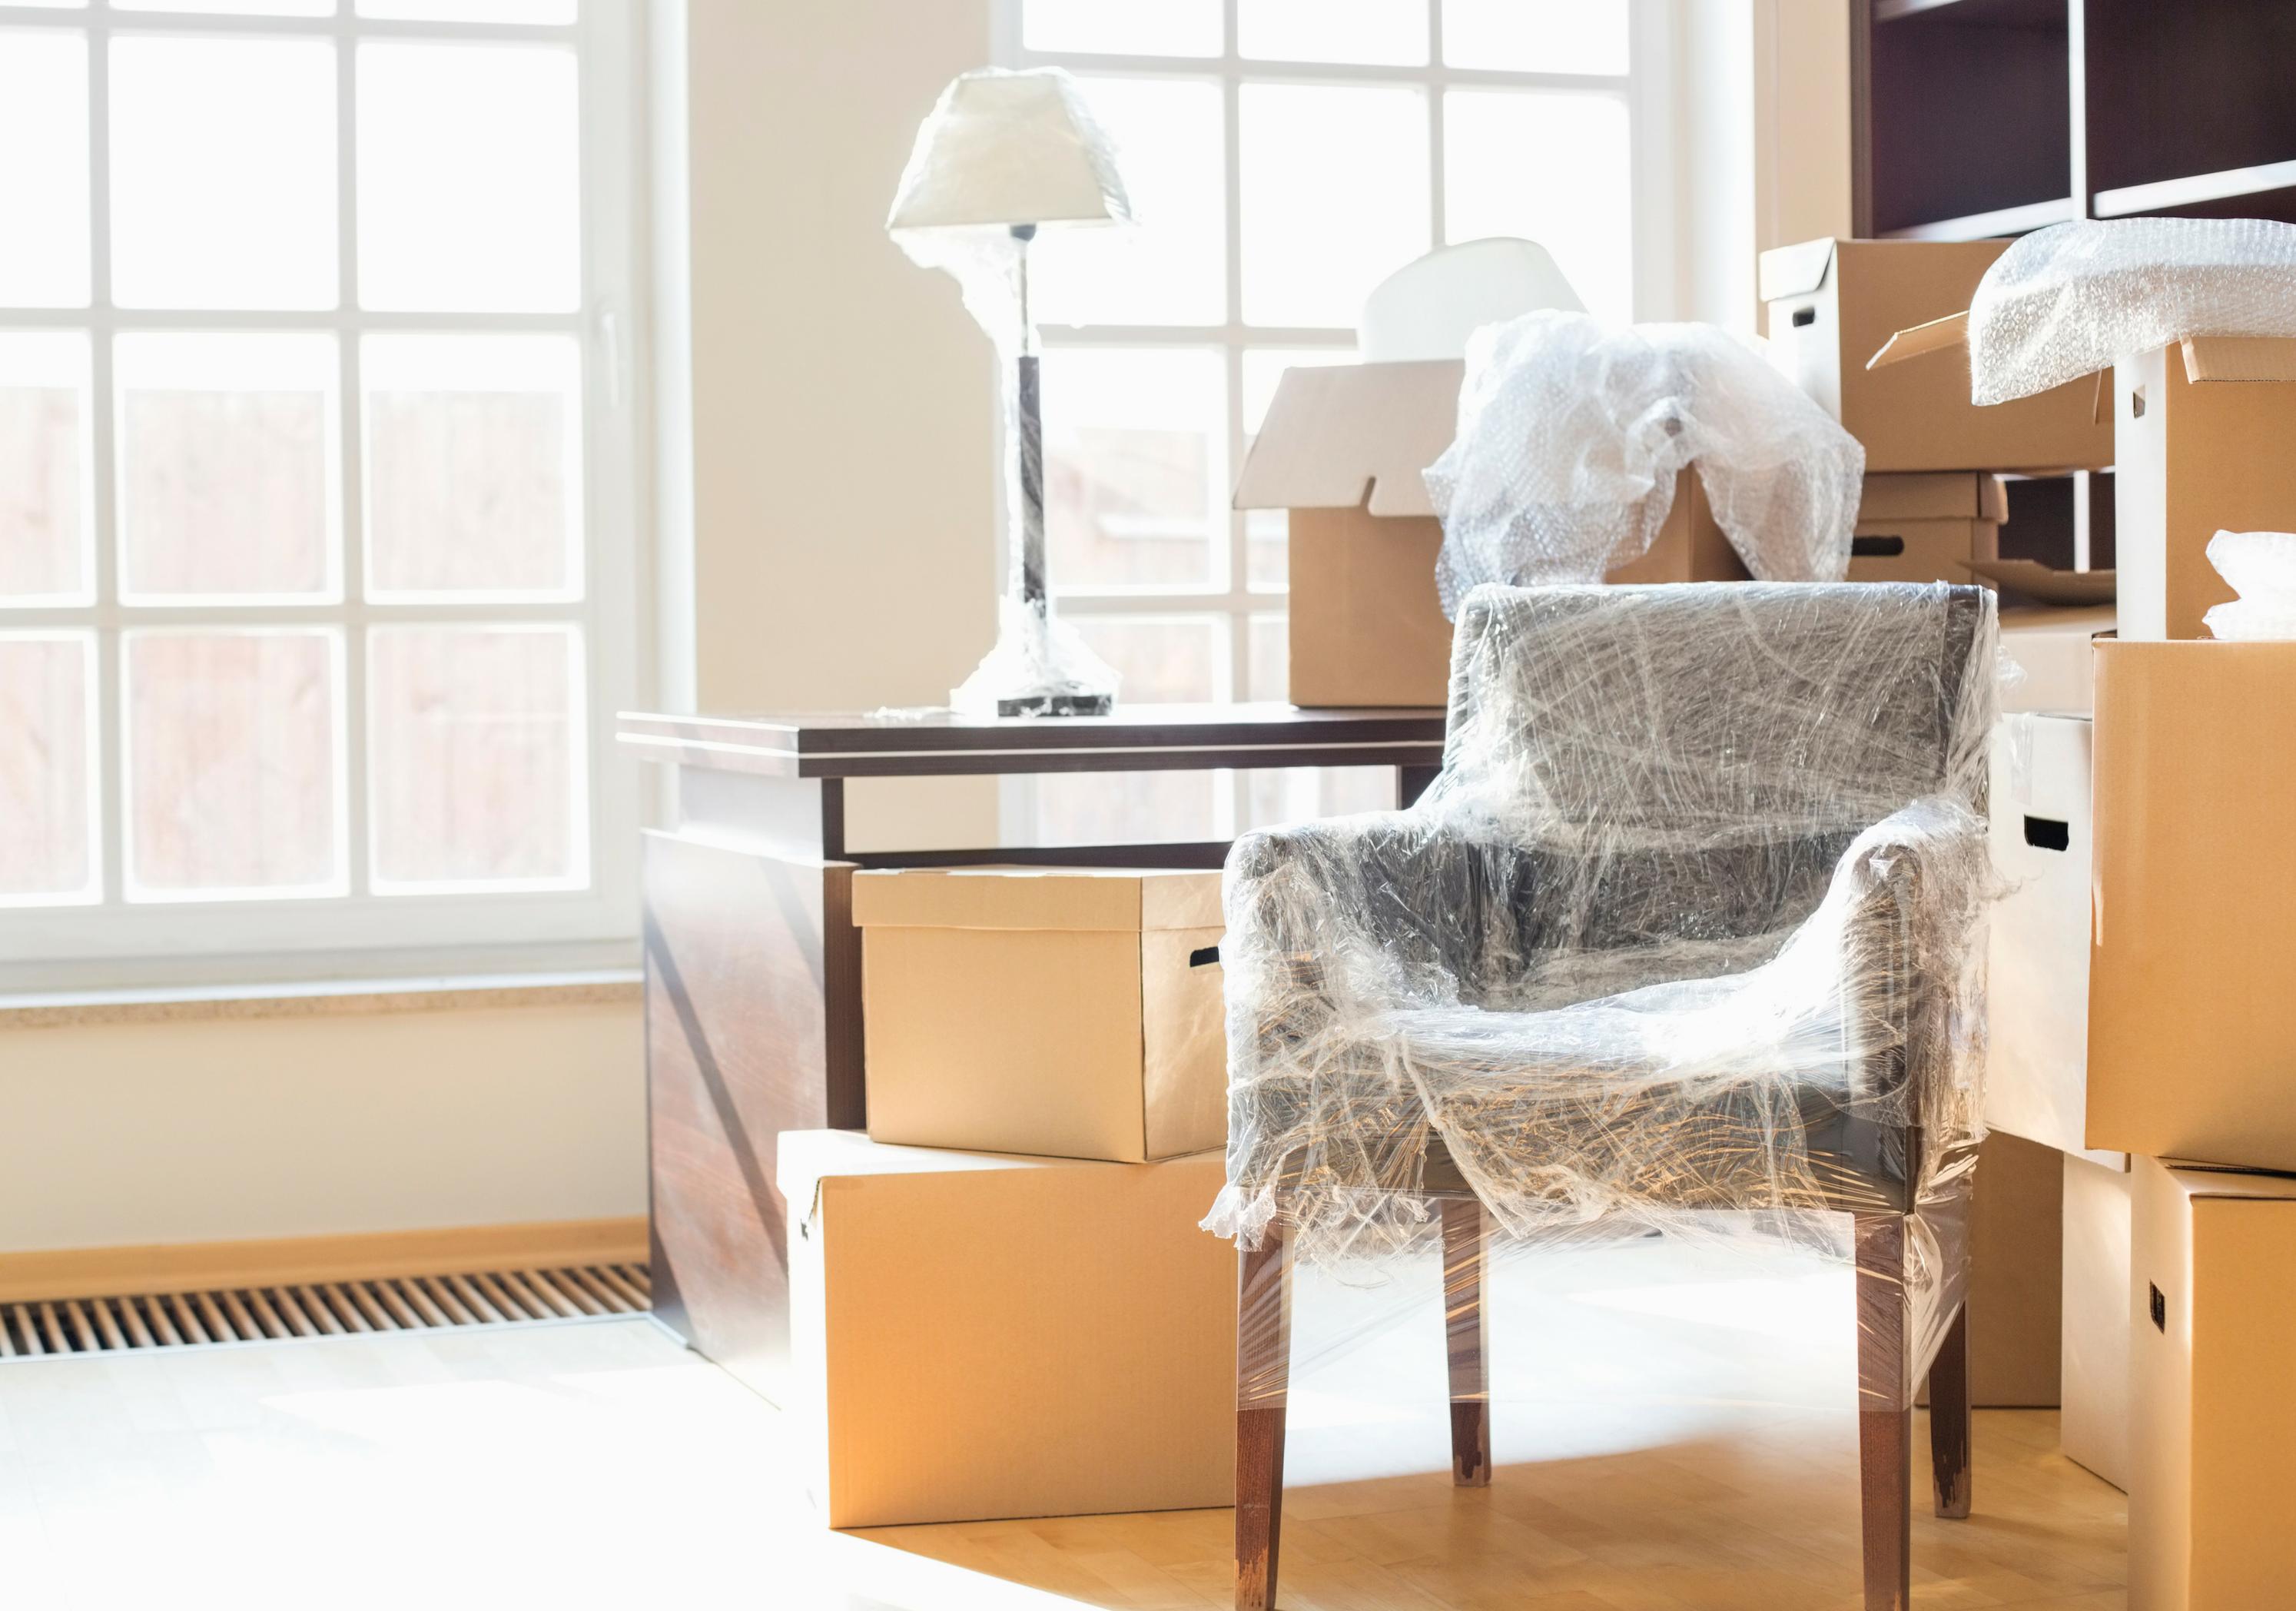 Flytte, Harald hjelper deg, bære kasser. Møbler, hvitevarer.